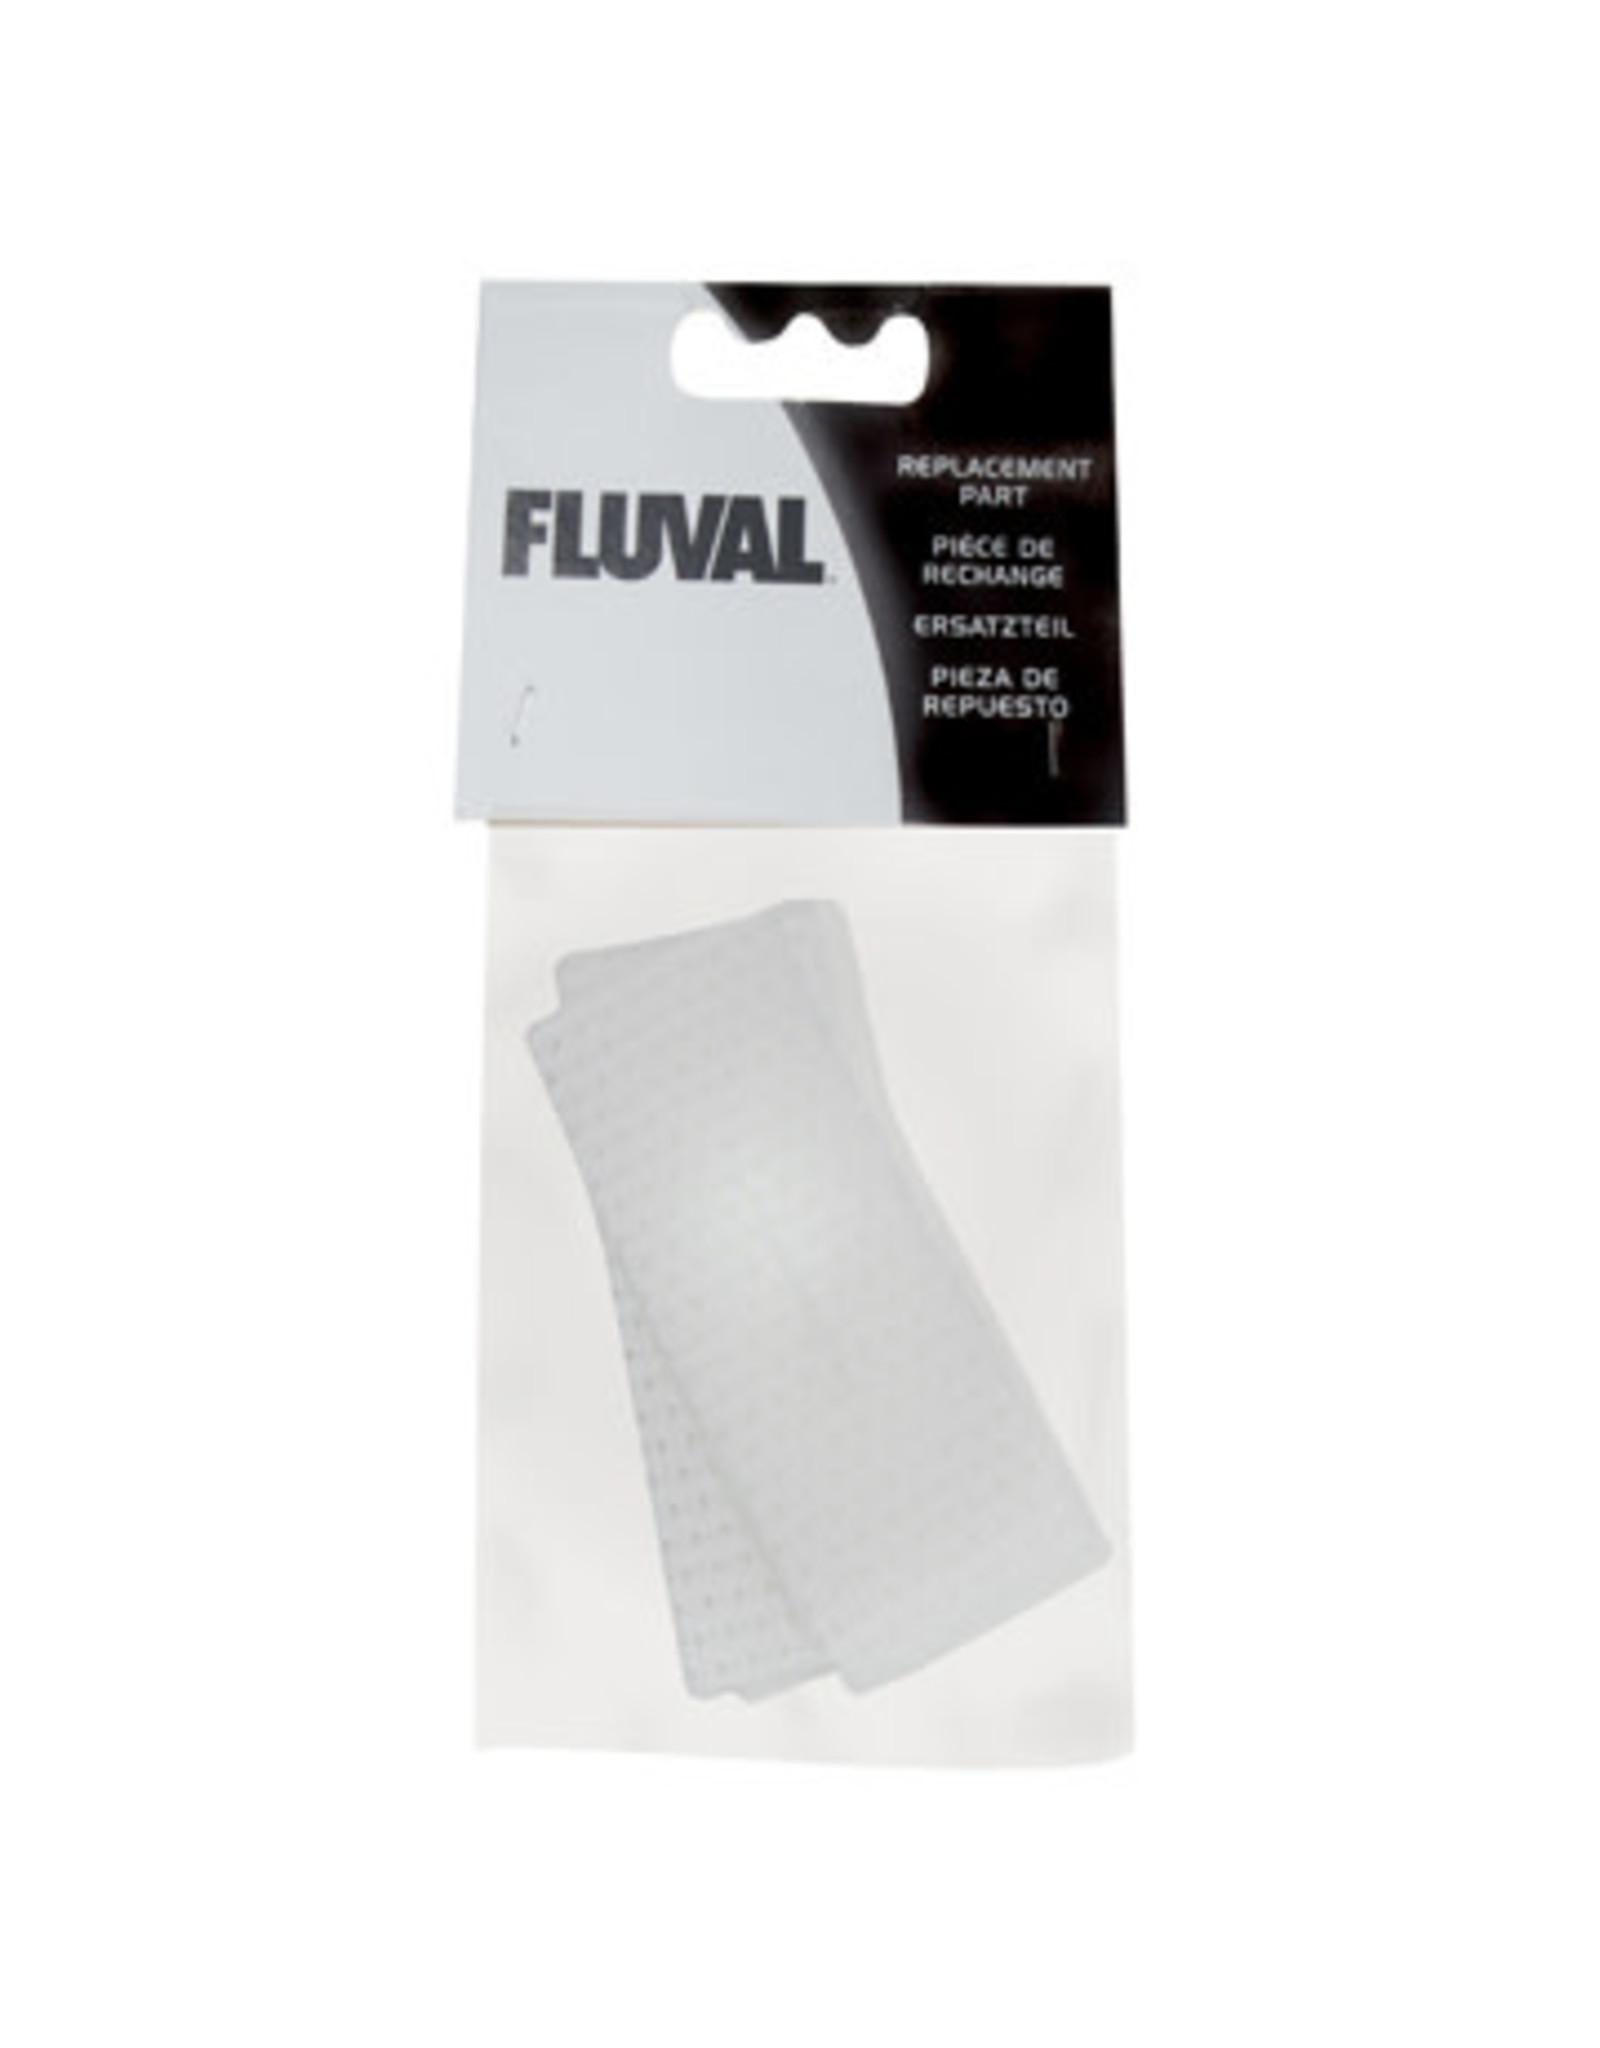 Fluval Fluval Bio-Screen for C3 Power Filters - 3 Pack